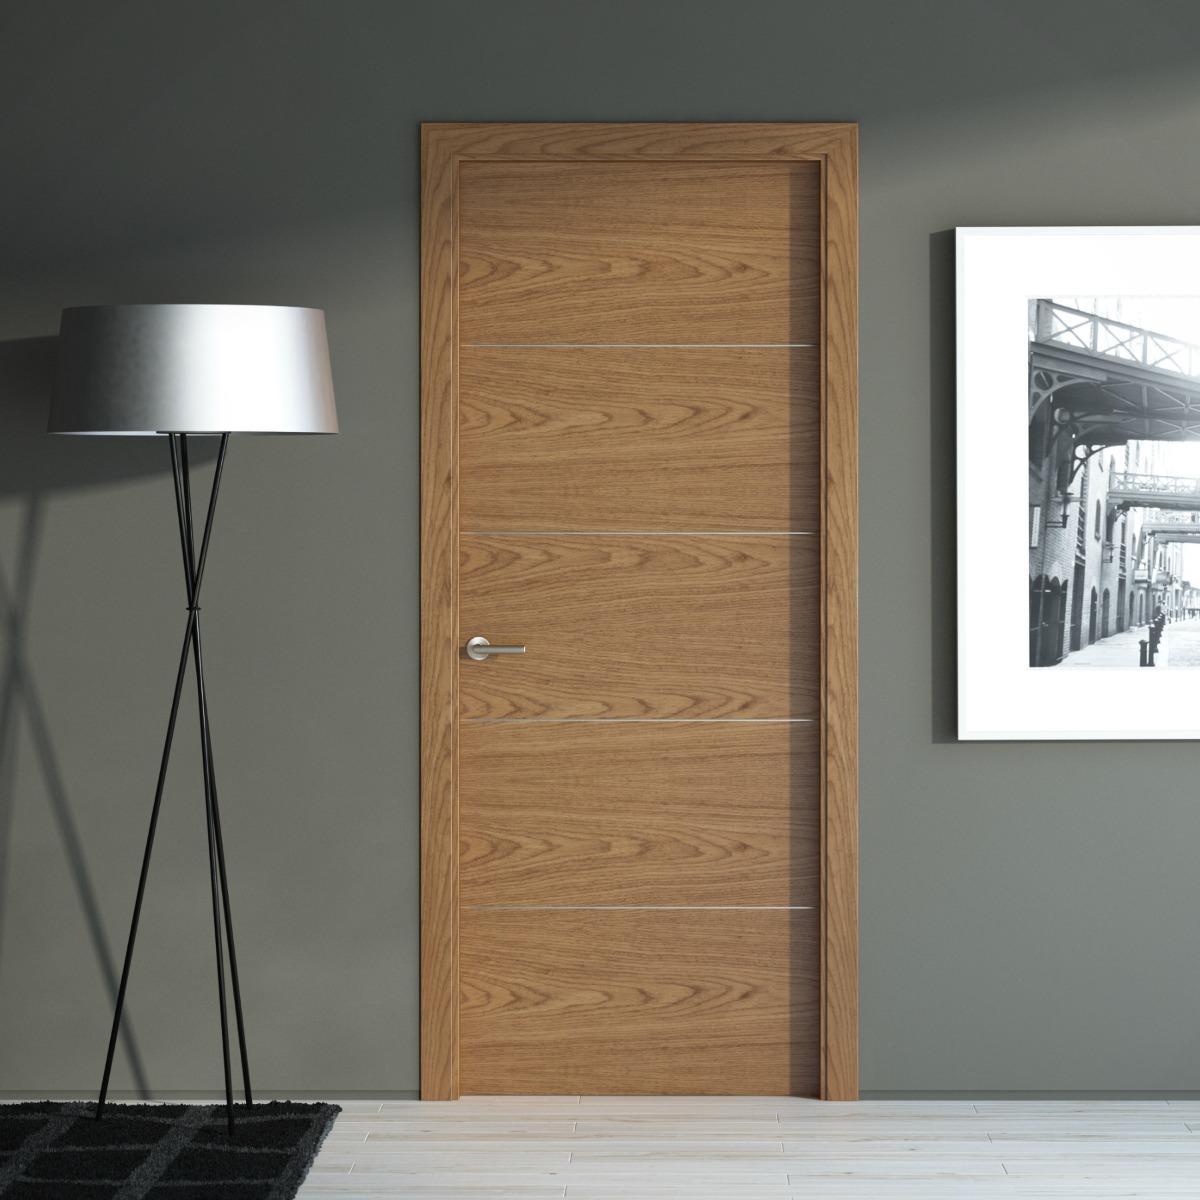 Puertas a medida puertas madera coru a vetta grupo - Medidas de puertas de interior ...